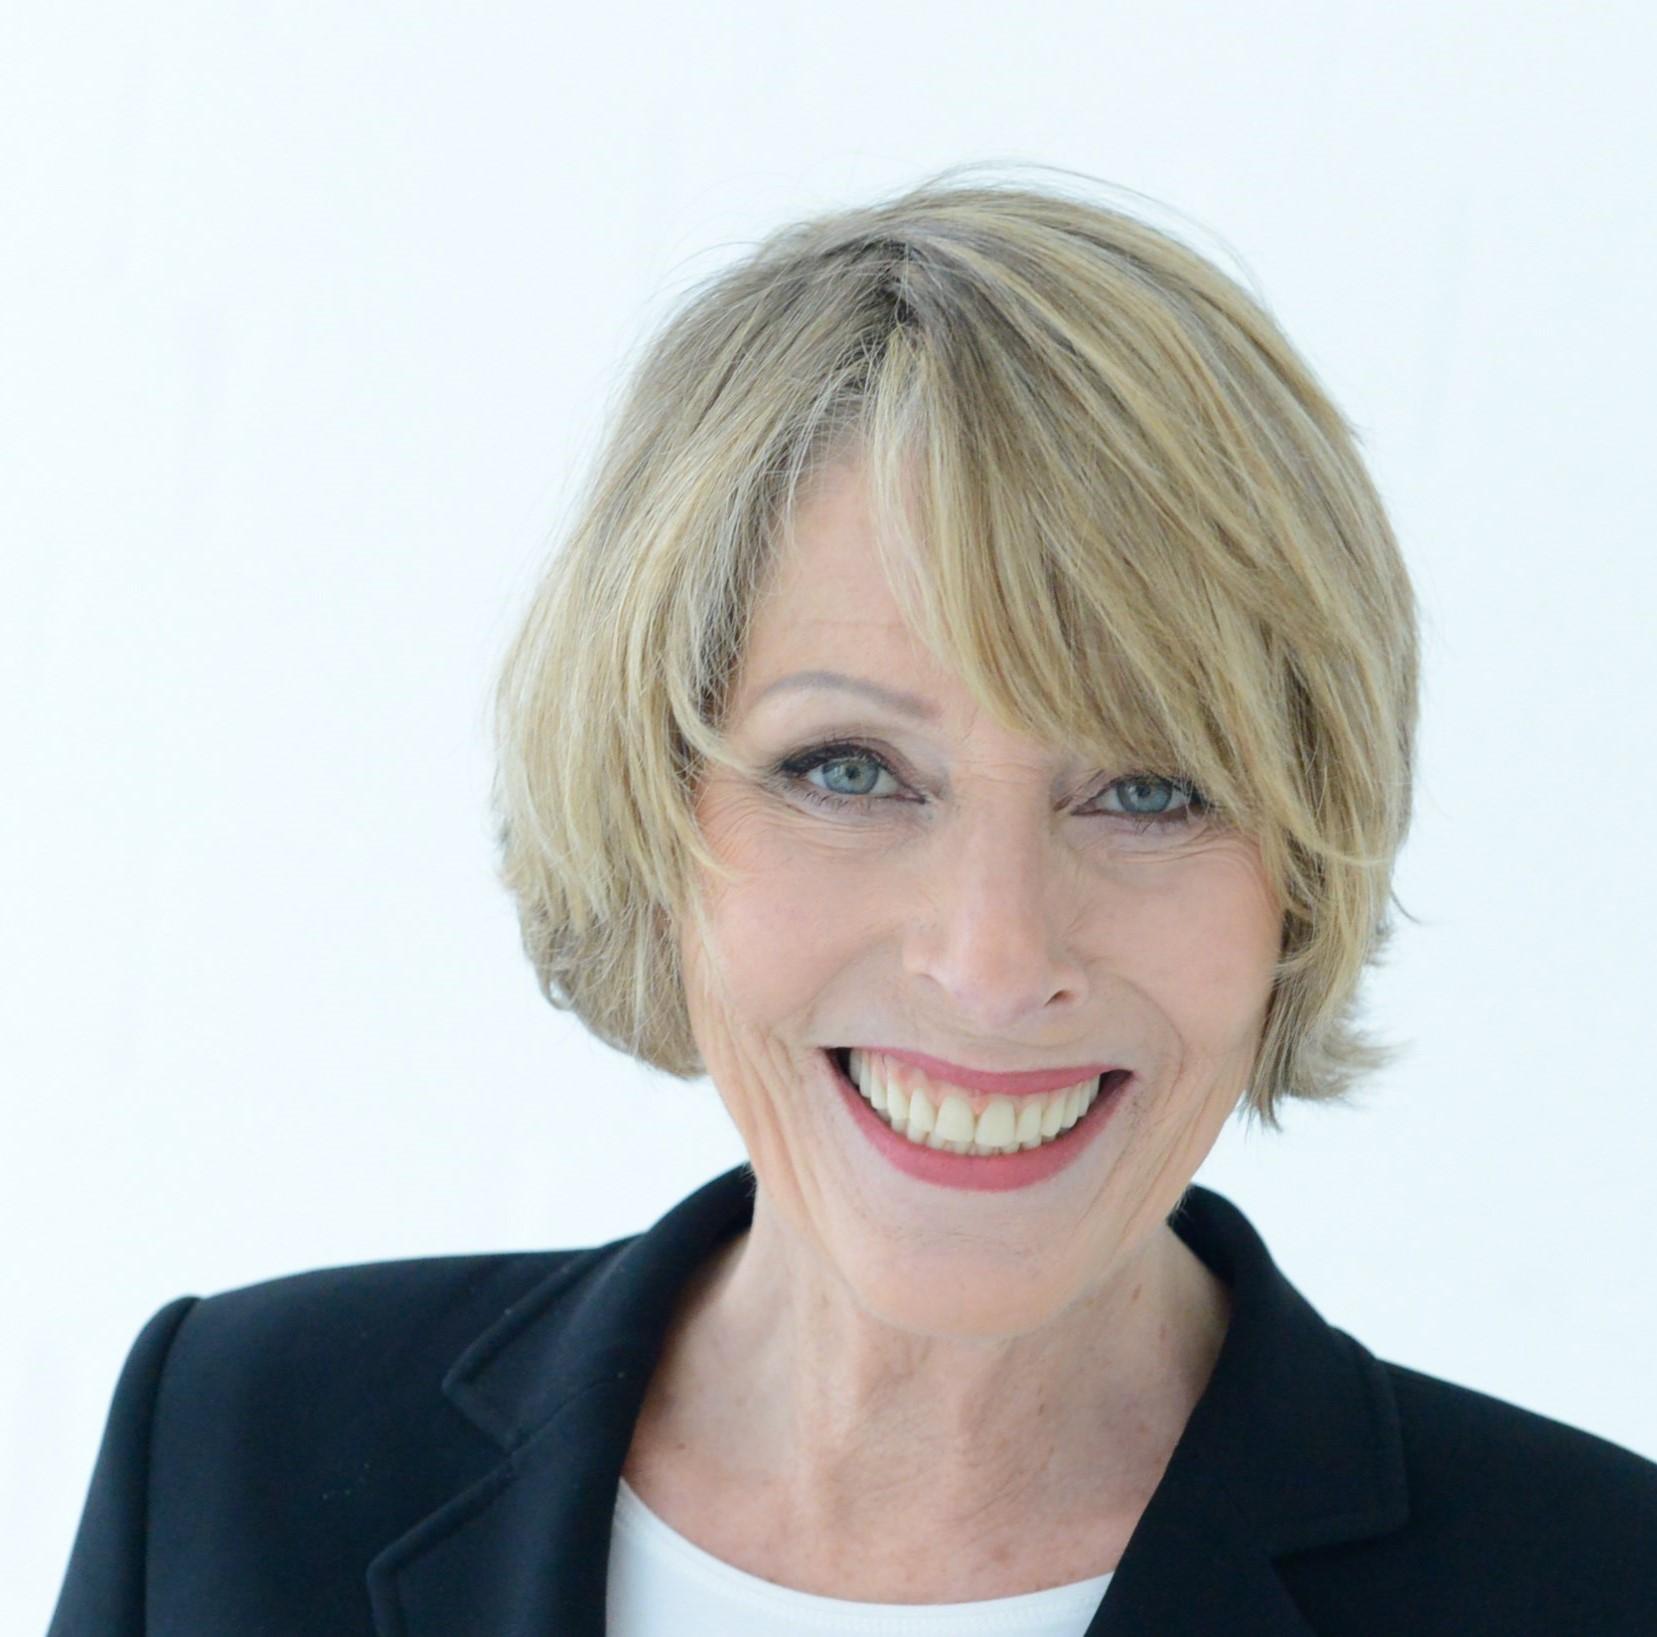 Portrait of Angela Schmidt